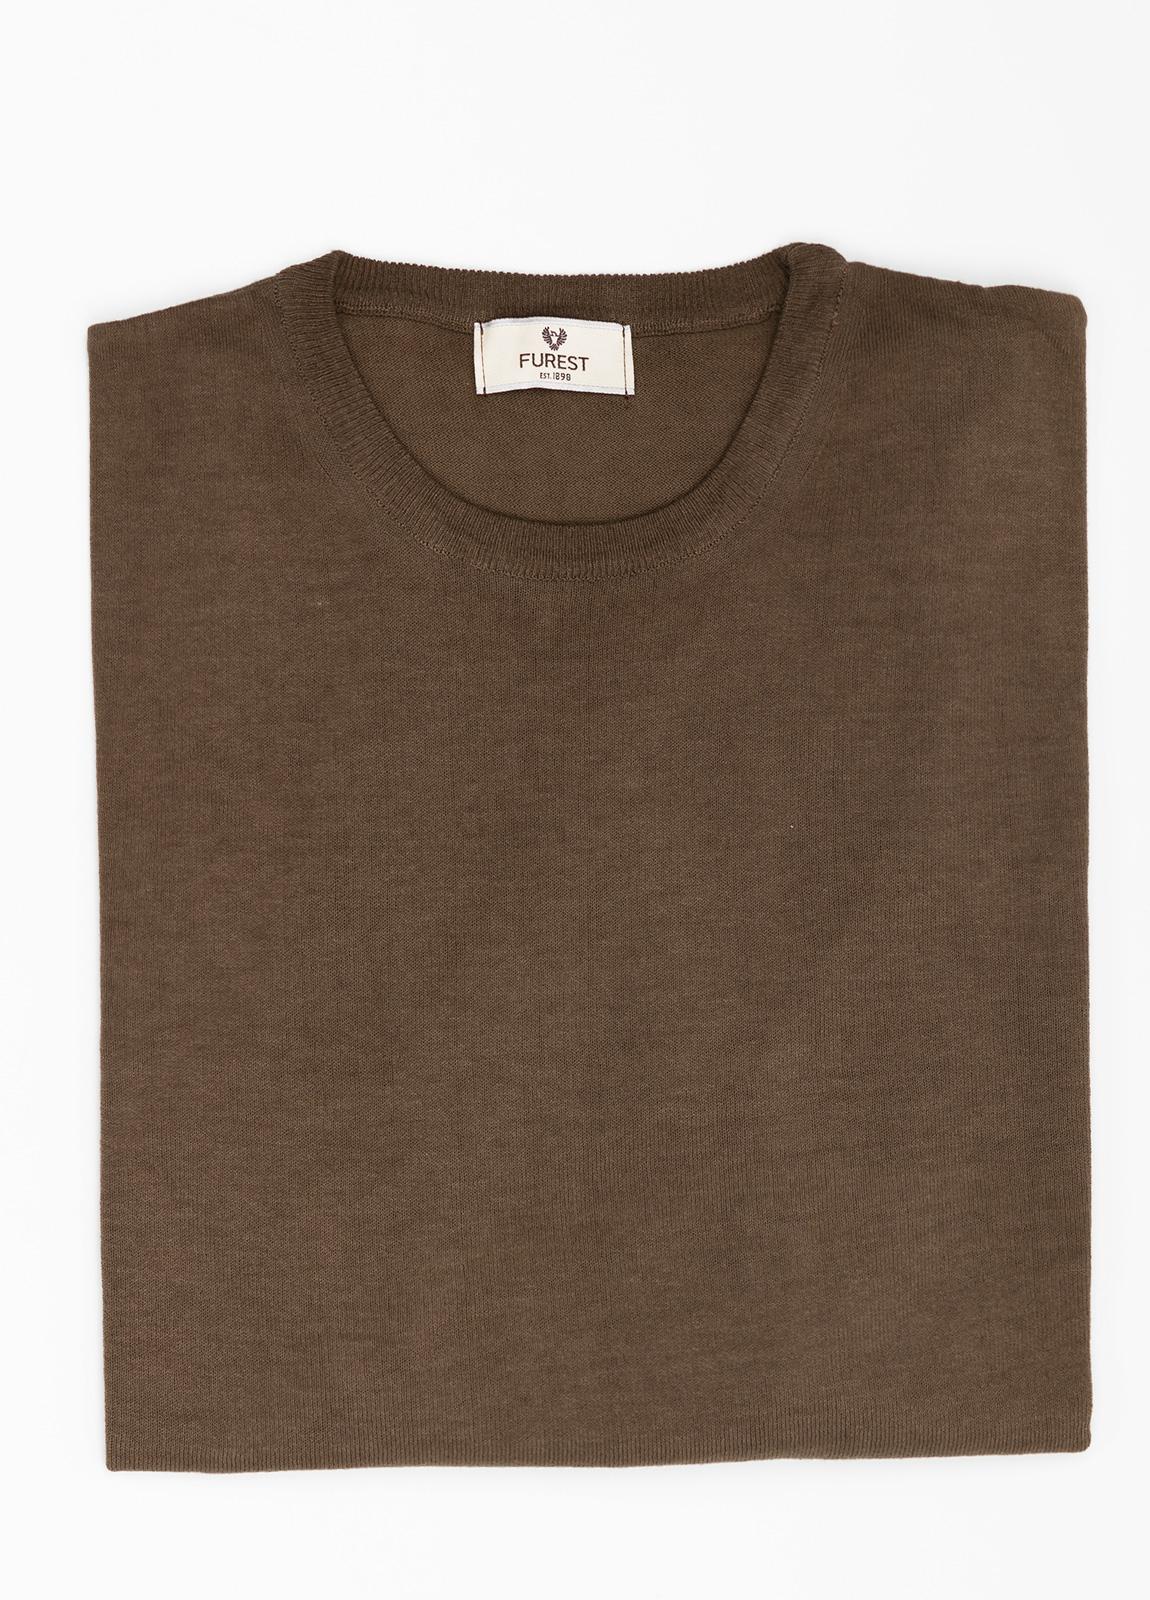 Jersey cuello redondo color marrón, 100% Algodón.